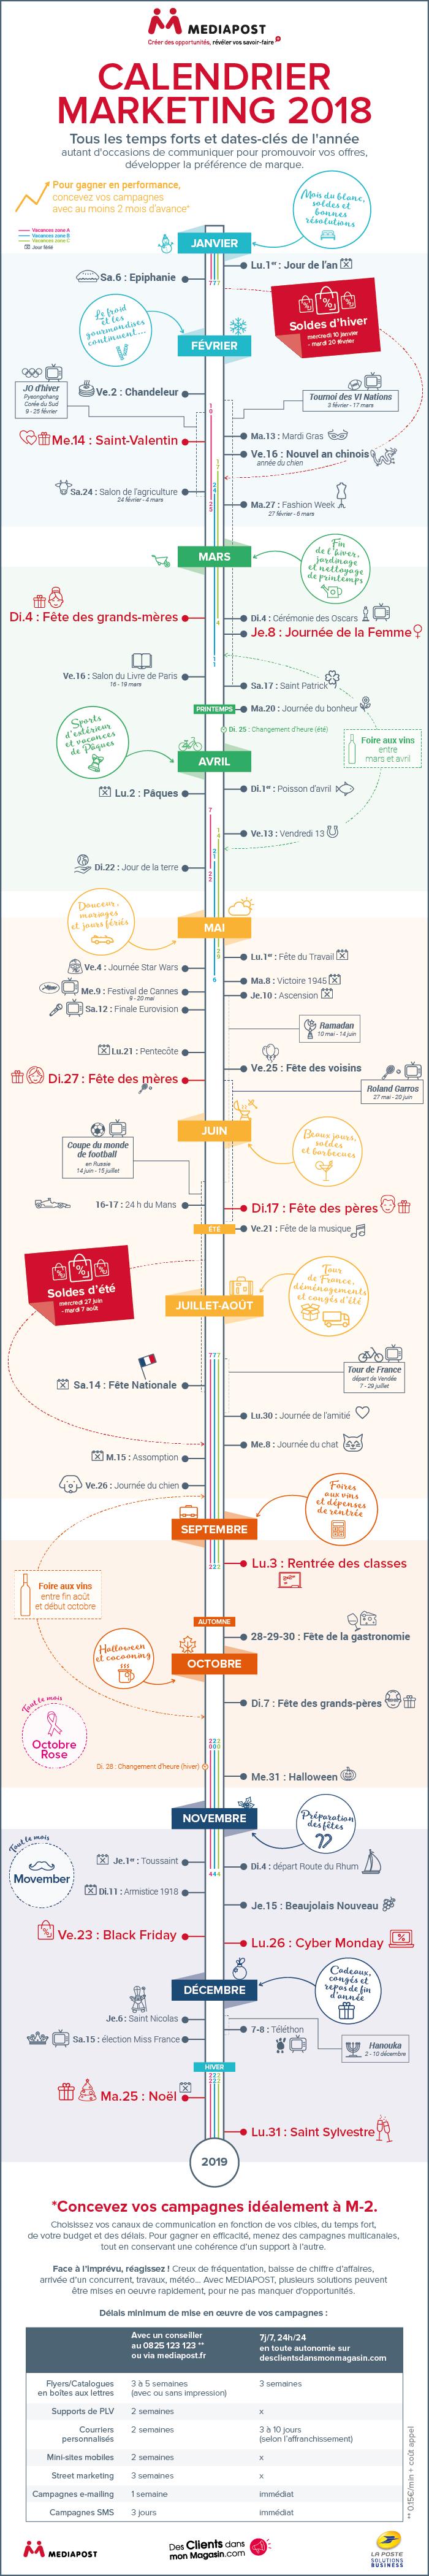 Calendrier Coupe Du Monde A Remplir.Calendrier Marketing 2018 Calendrier Des Evenements 2018